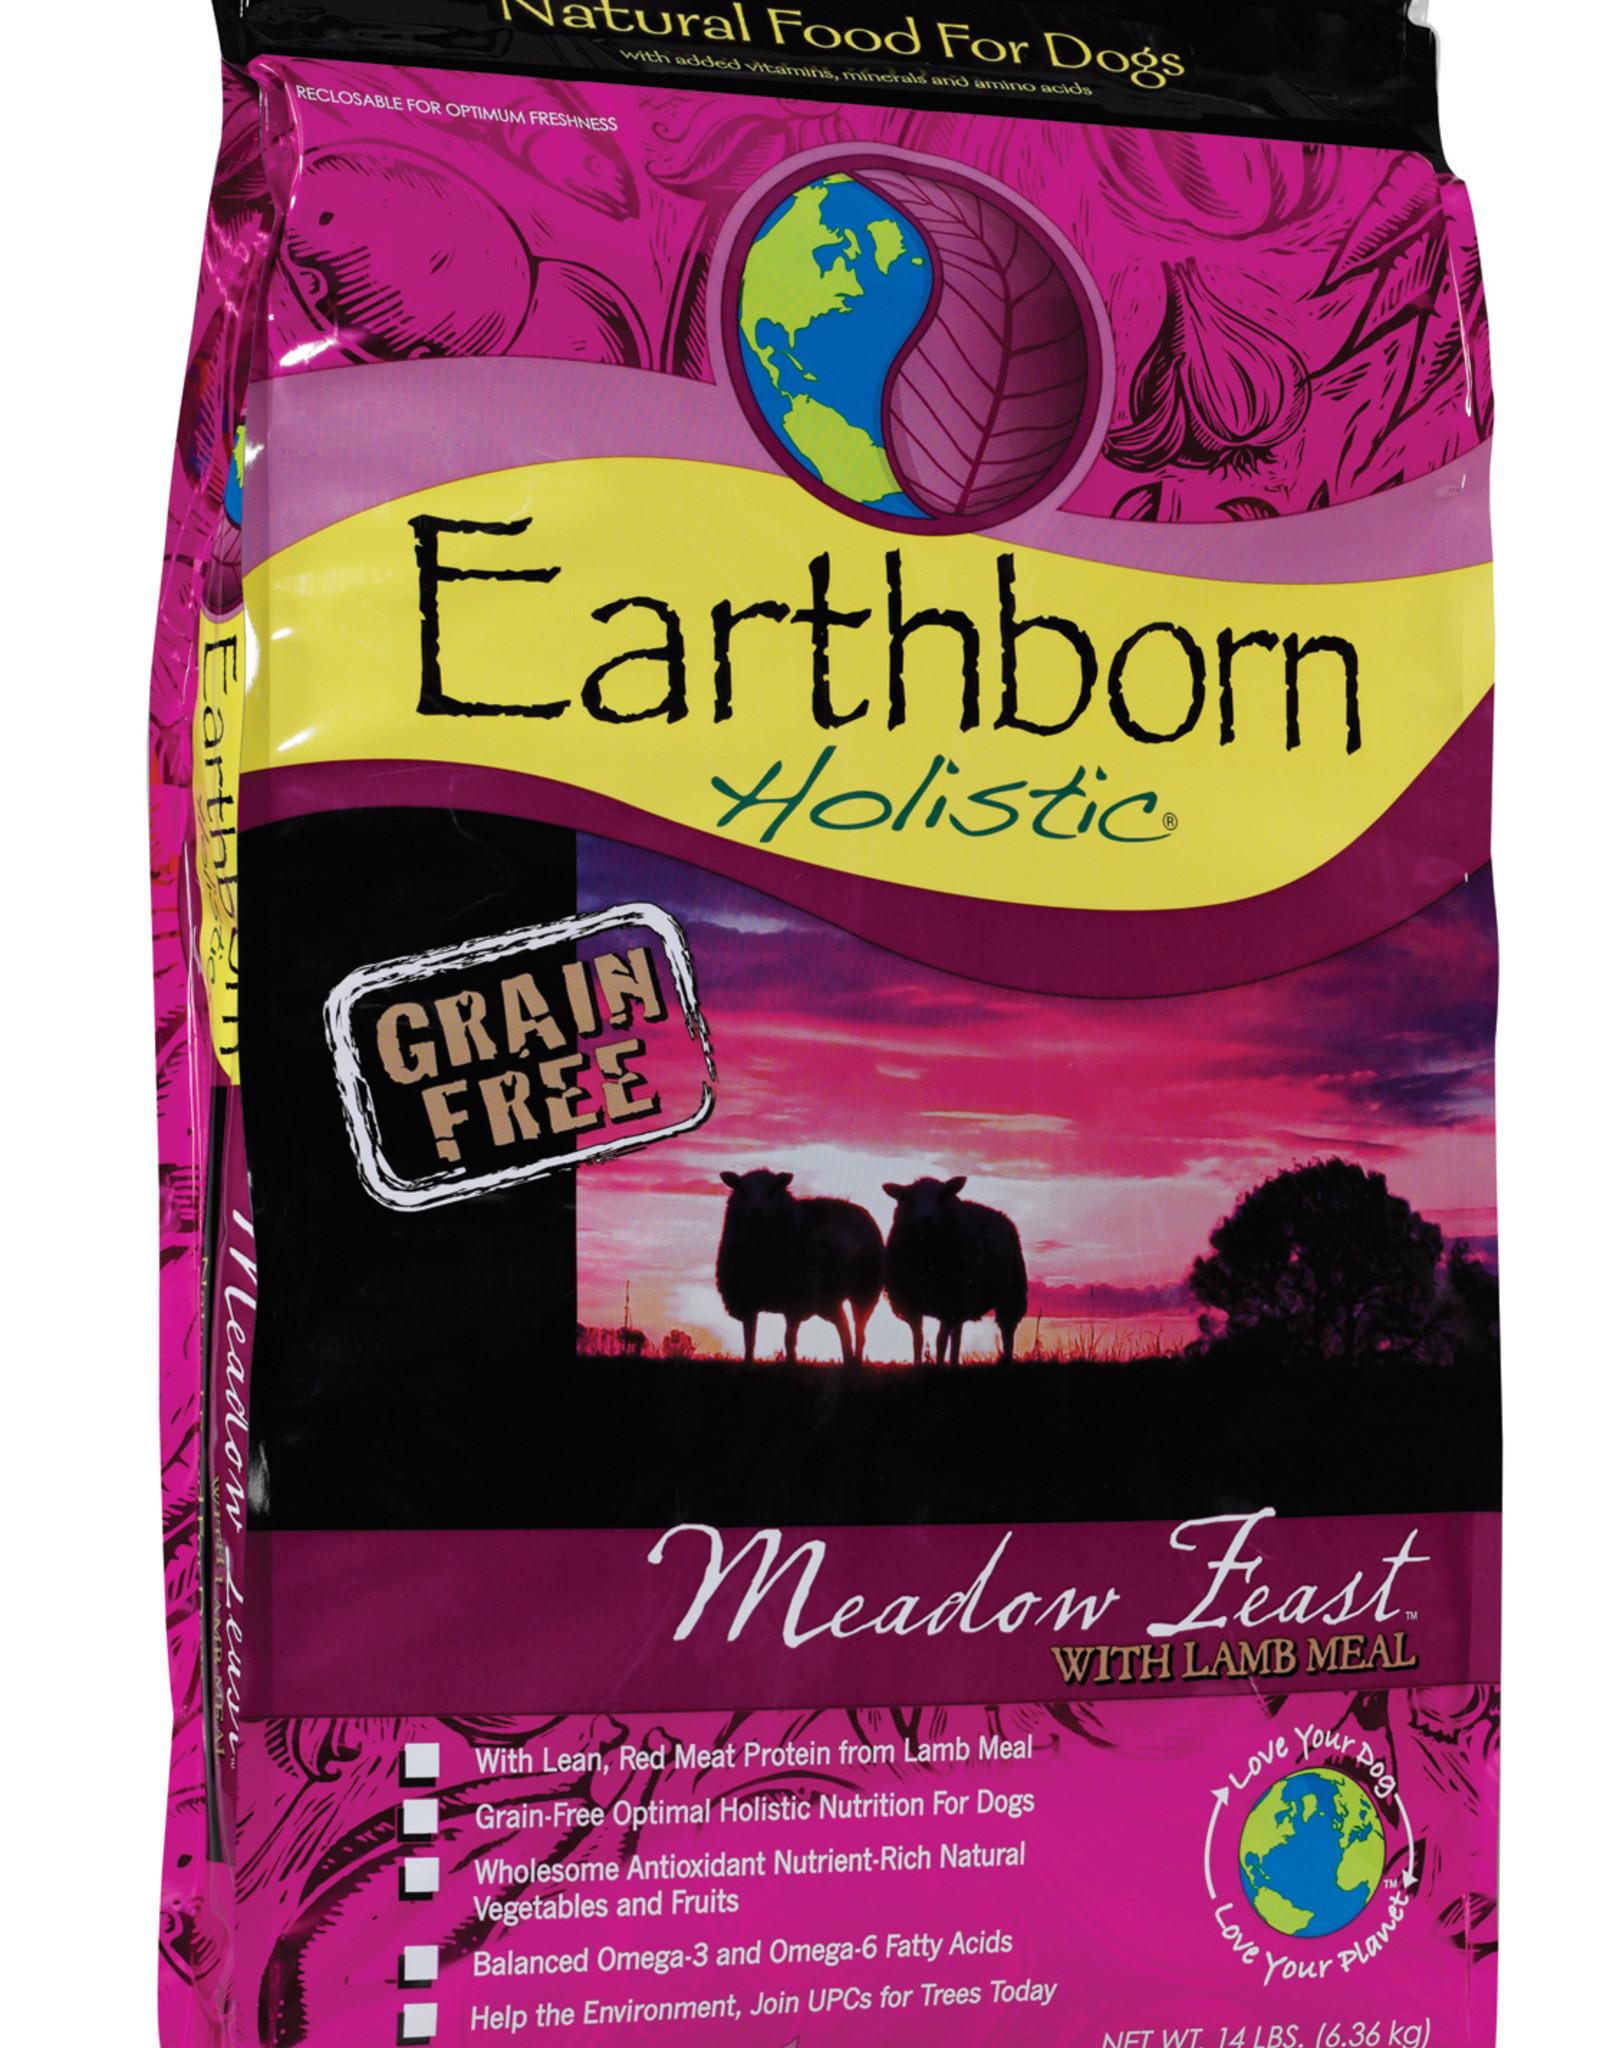 Earthborn Earthborn Holistic Dog Food Meadow Feast